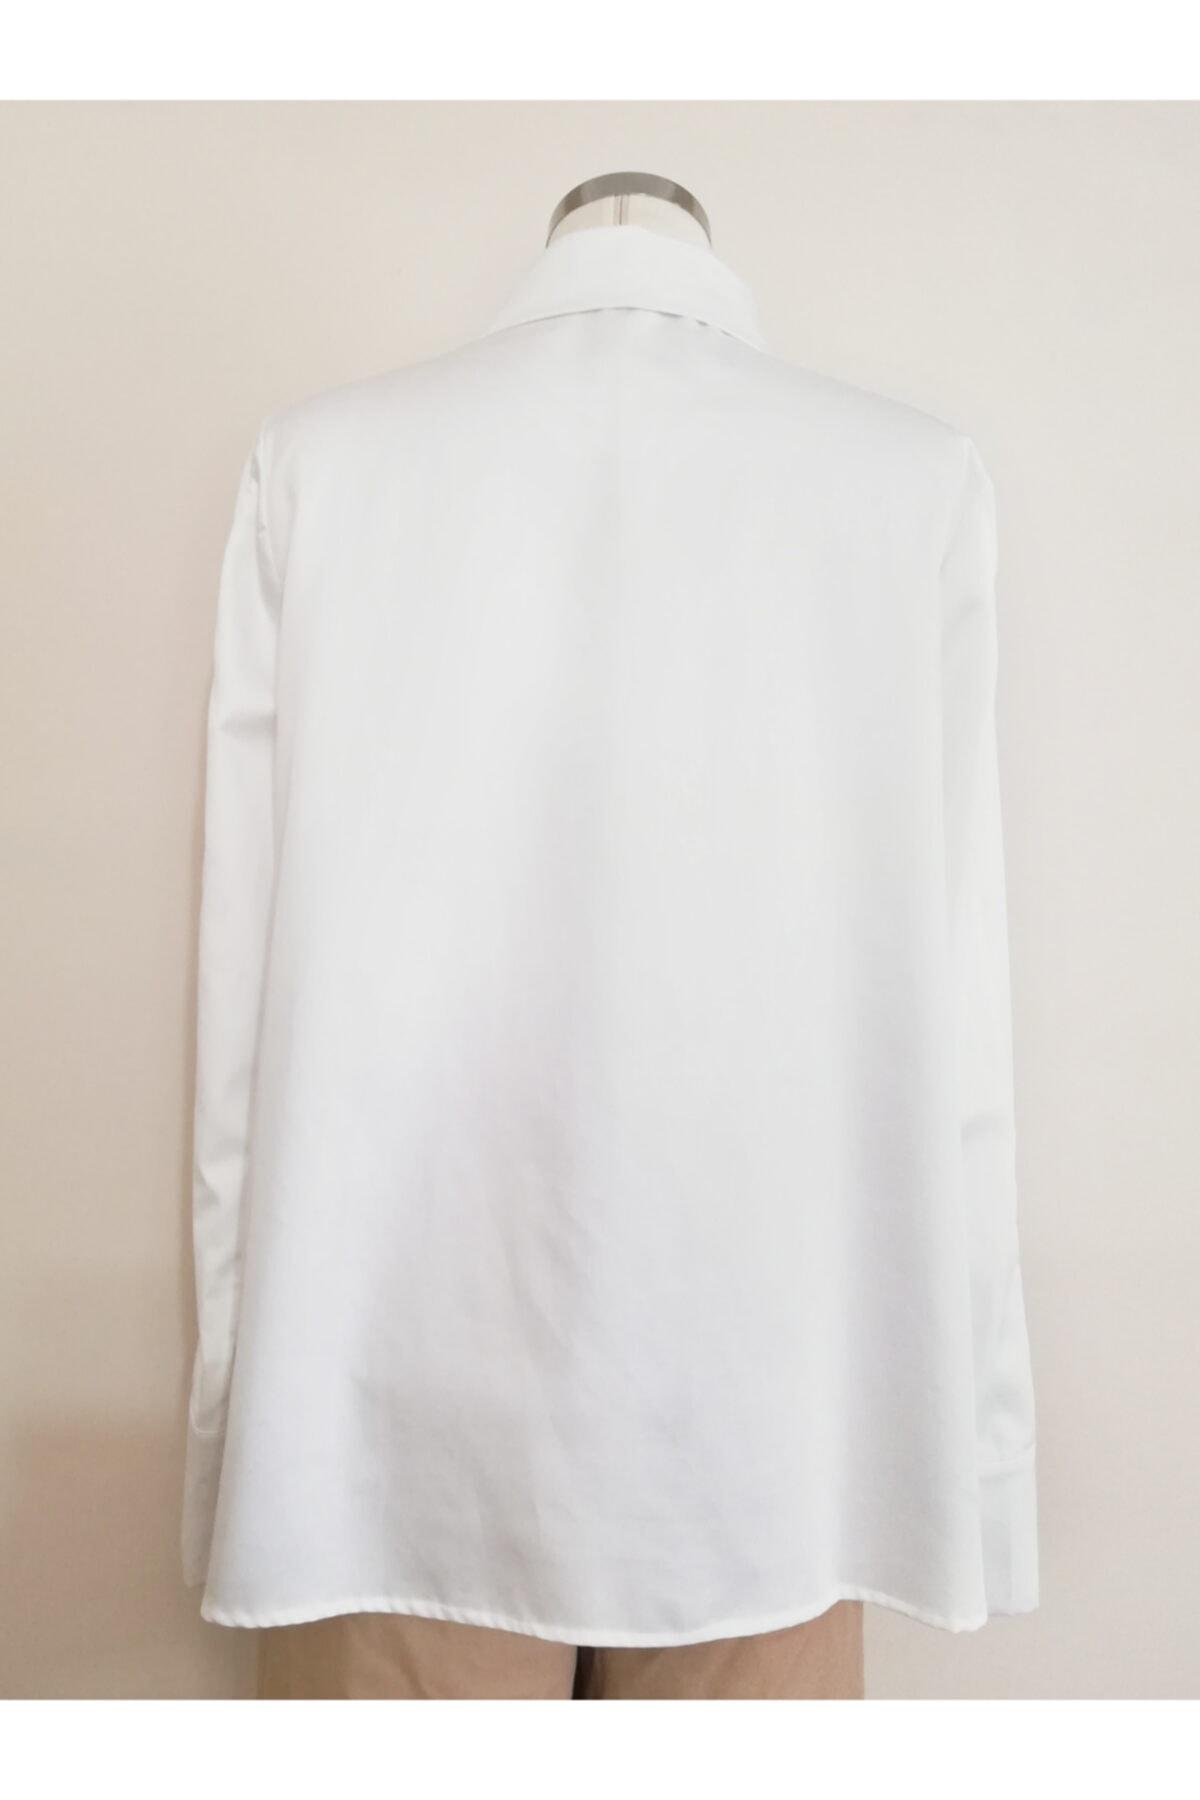 Vekem Kadın Beyaz Fermuar Detaylı Rahat Kesim Gömlek 2